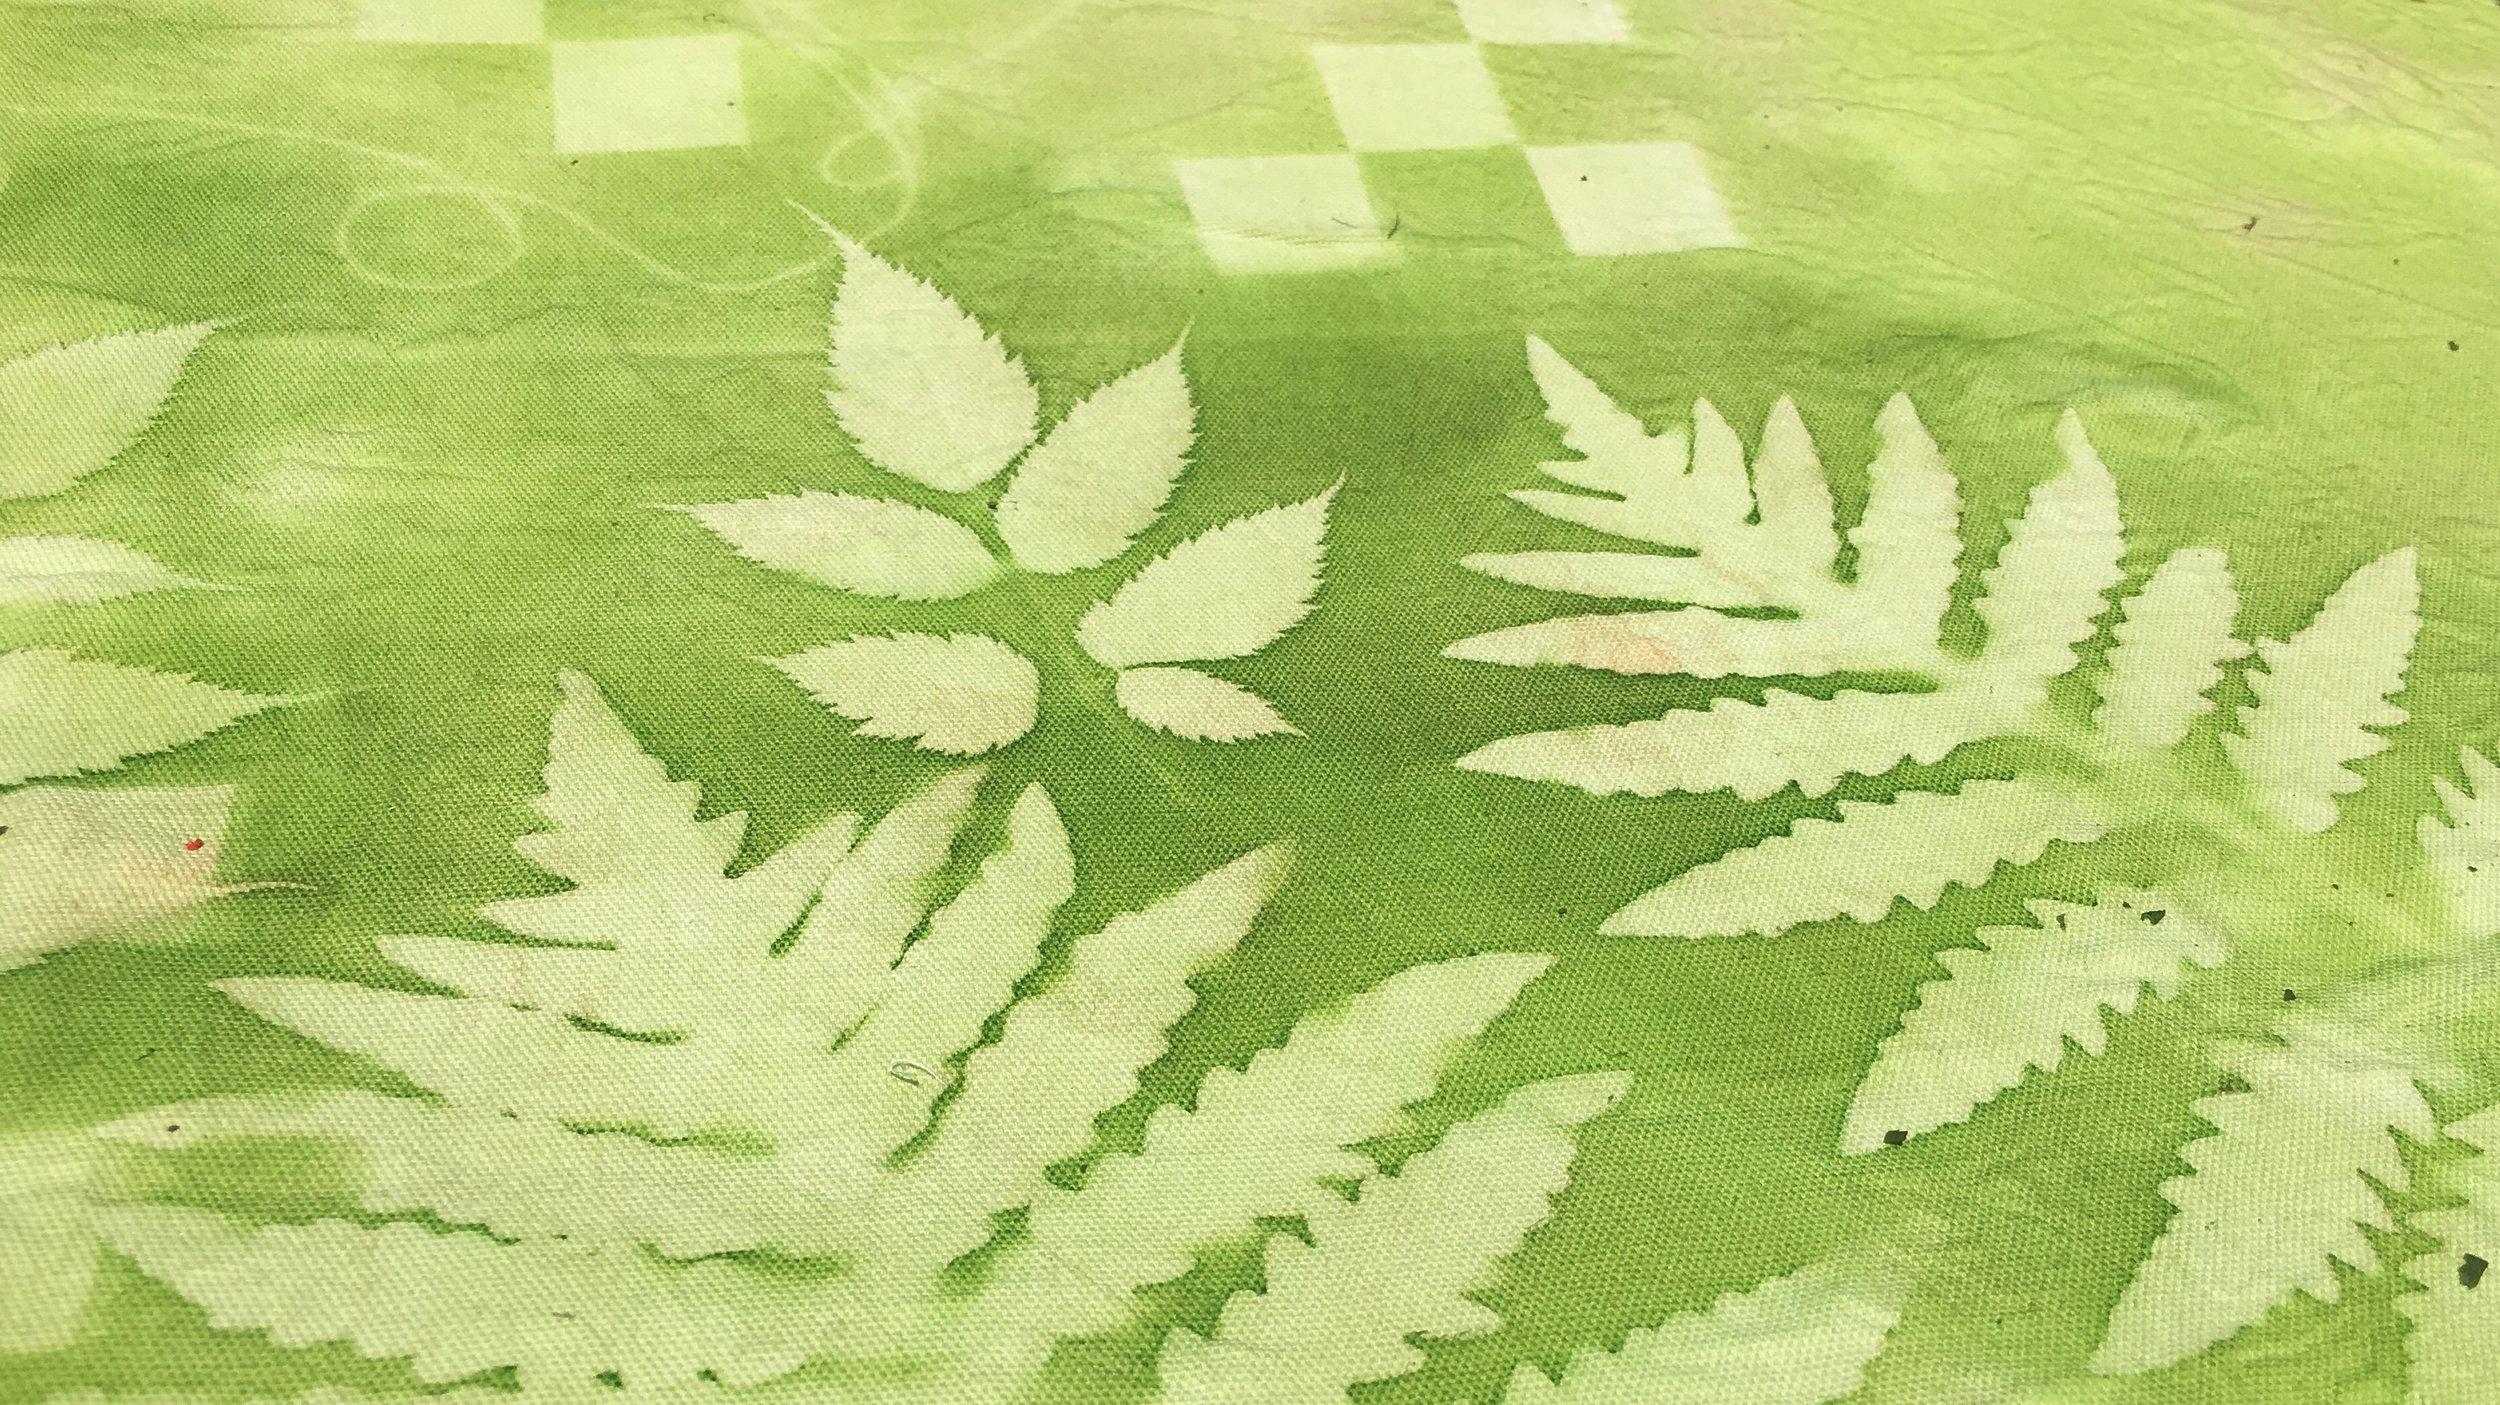 Green sun-printed fabric